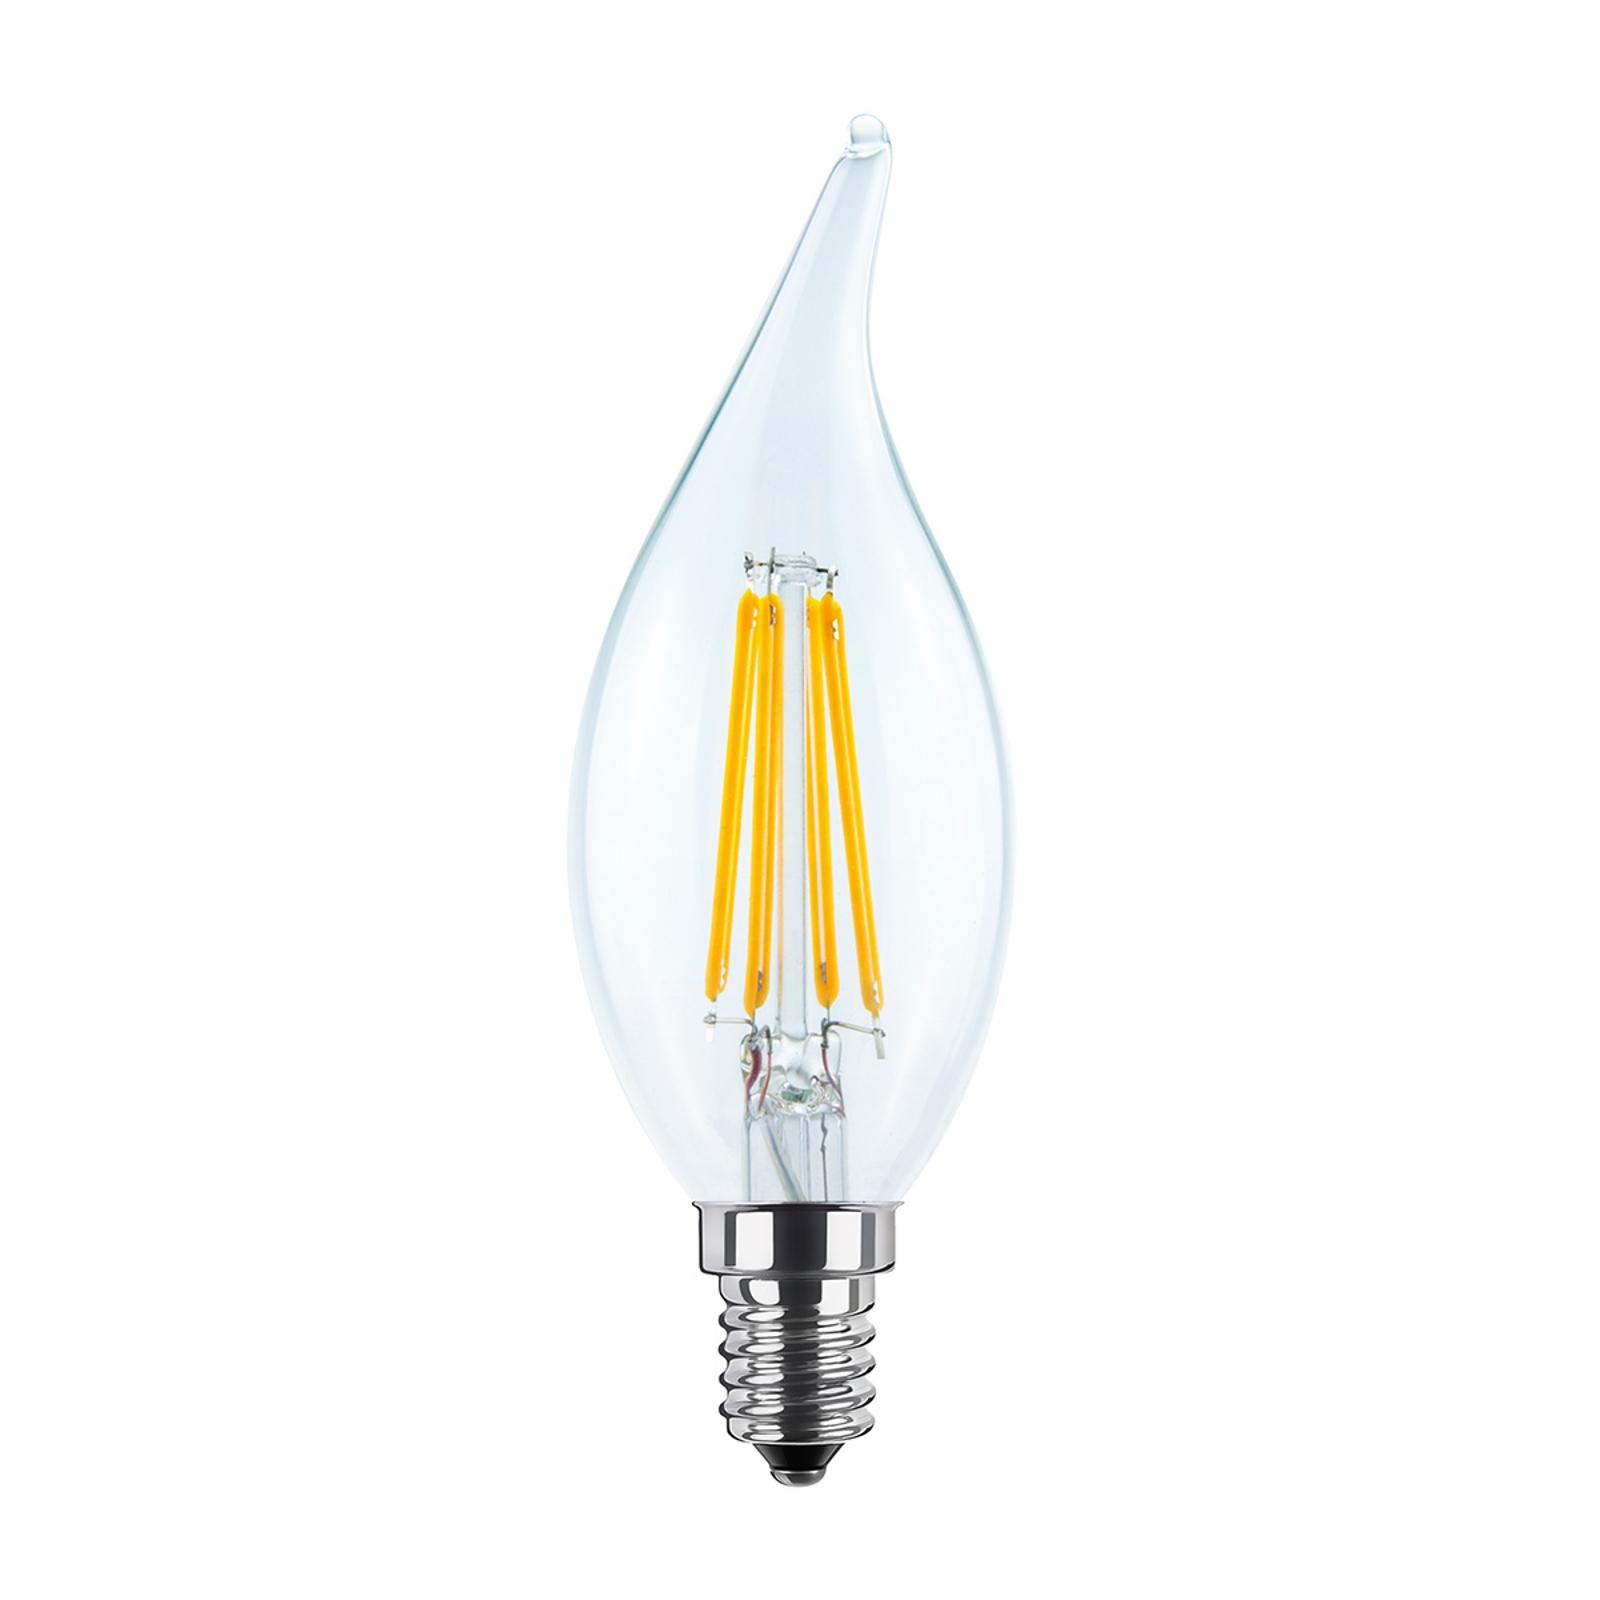 Kaksikantainen tuulenvire LED-lamppu E14 4W 2700 K